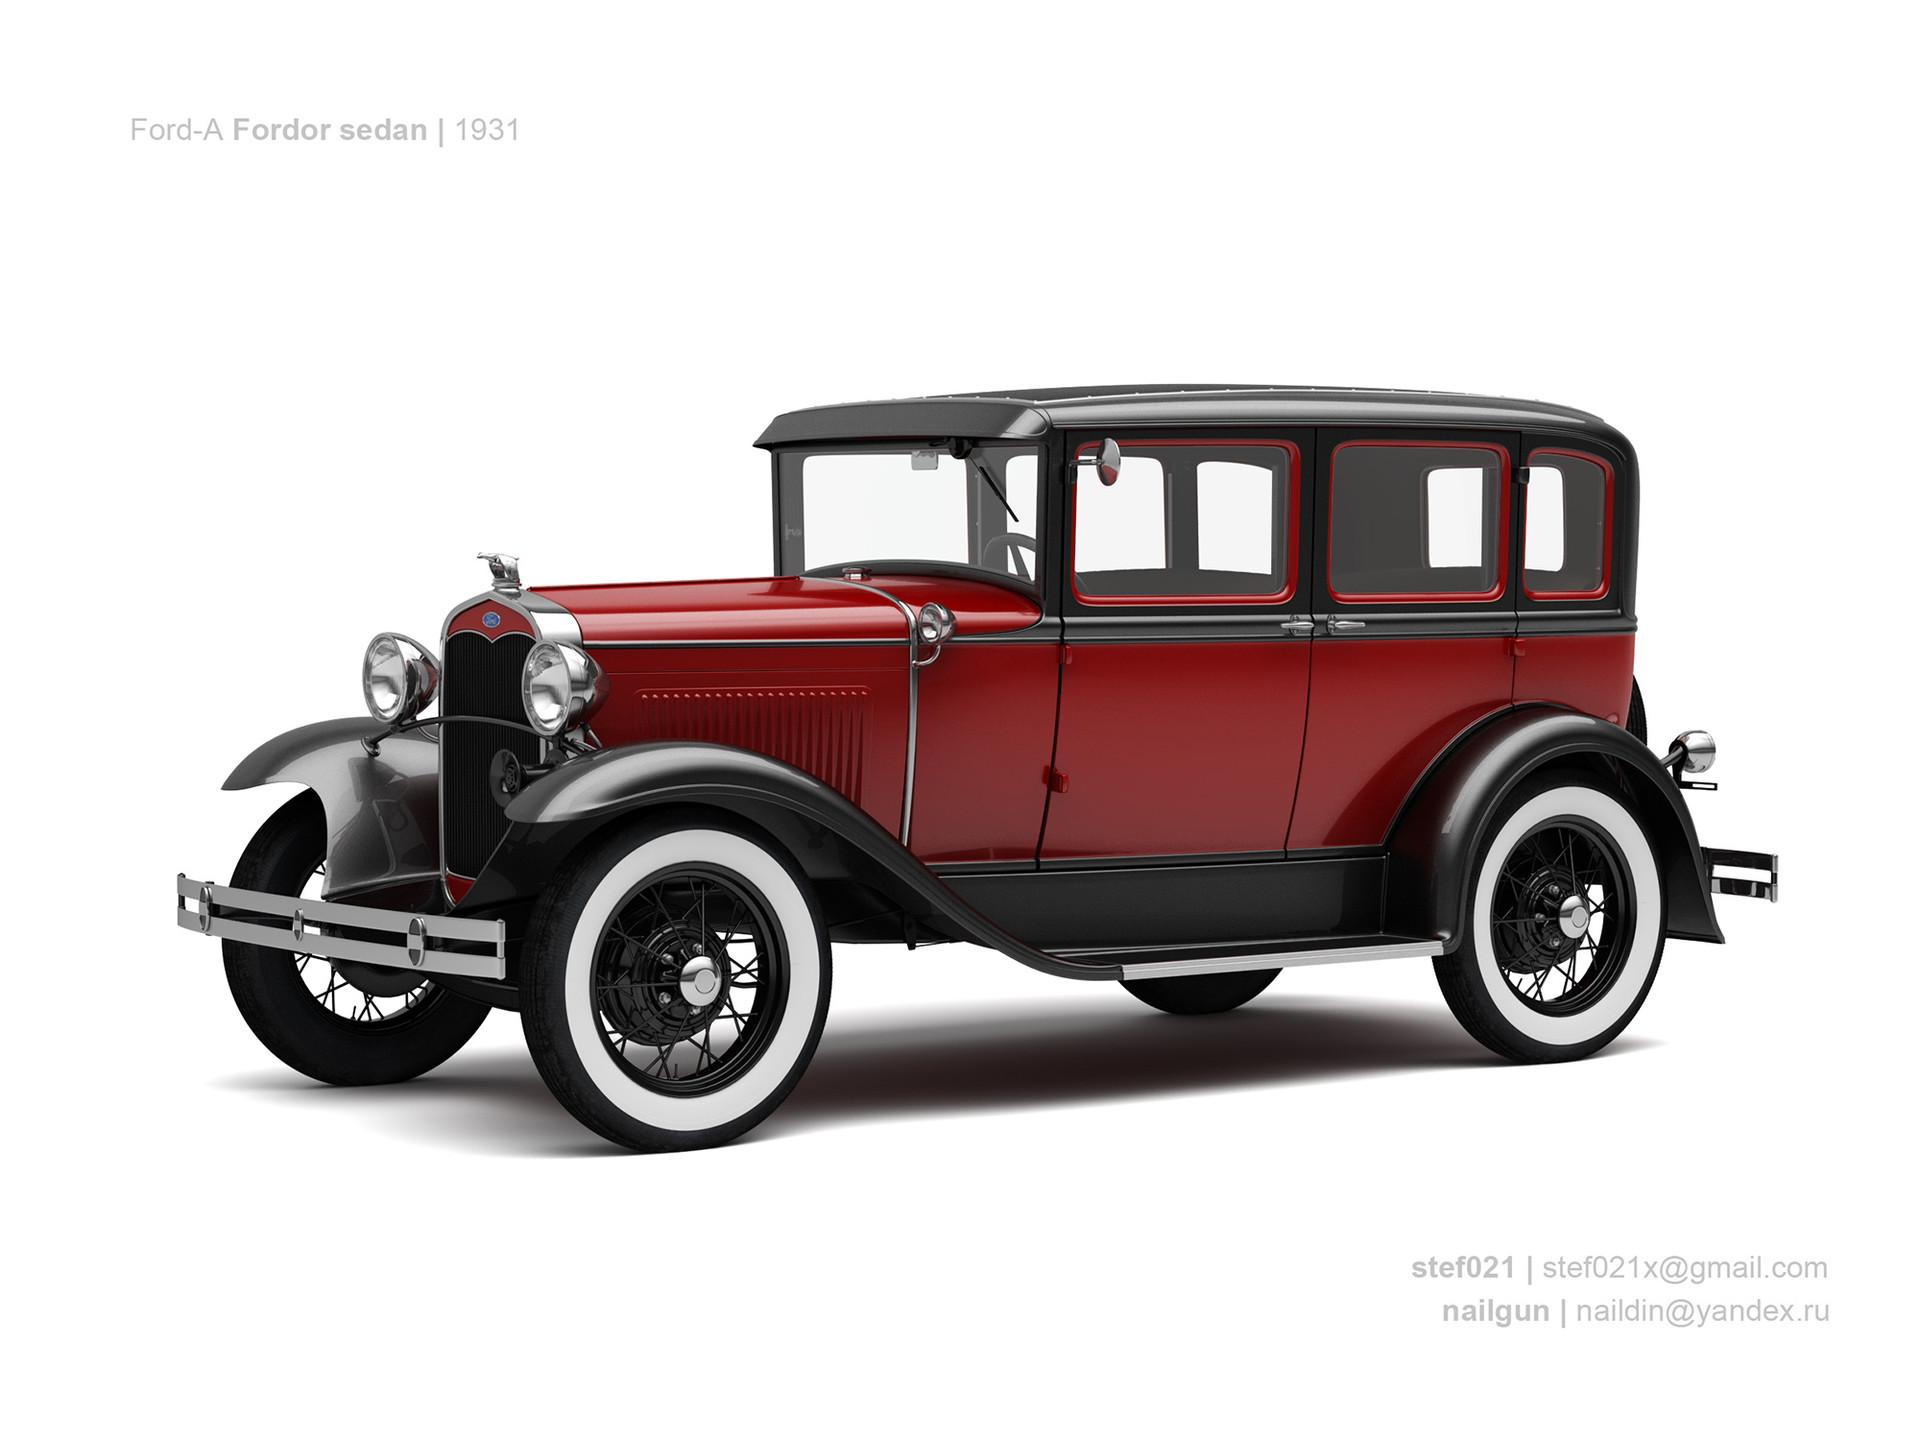 Nail khusnutdinov usa ford a fordor 1931 0